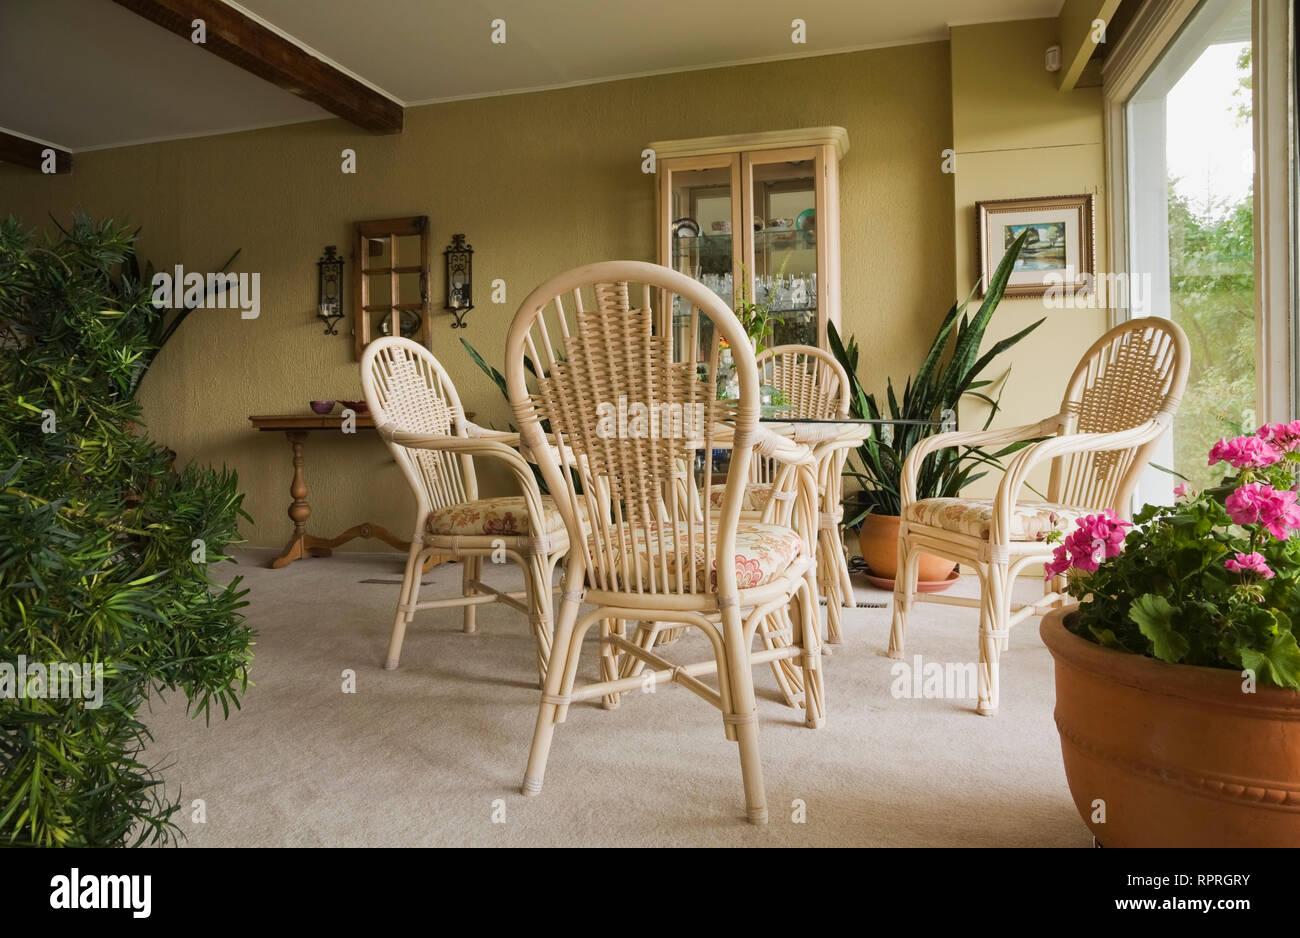 Table Chaises En Rotin Et Des Meubles Dans La Salle A Manger D Un Vieux Manoir Anglais Et Canadiana Style Cottage Accueil Photo Stock Alamy